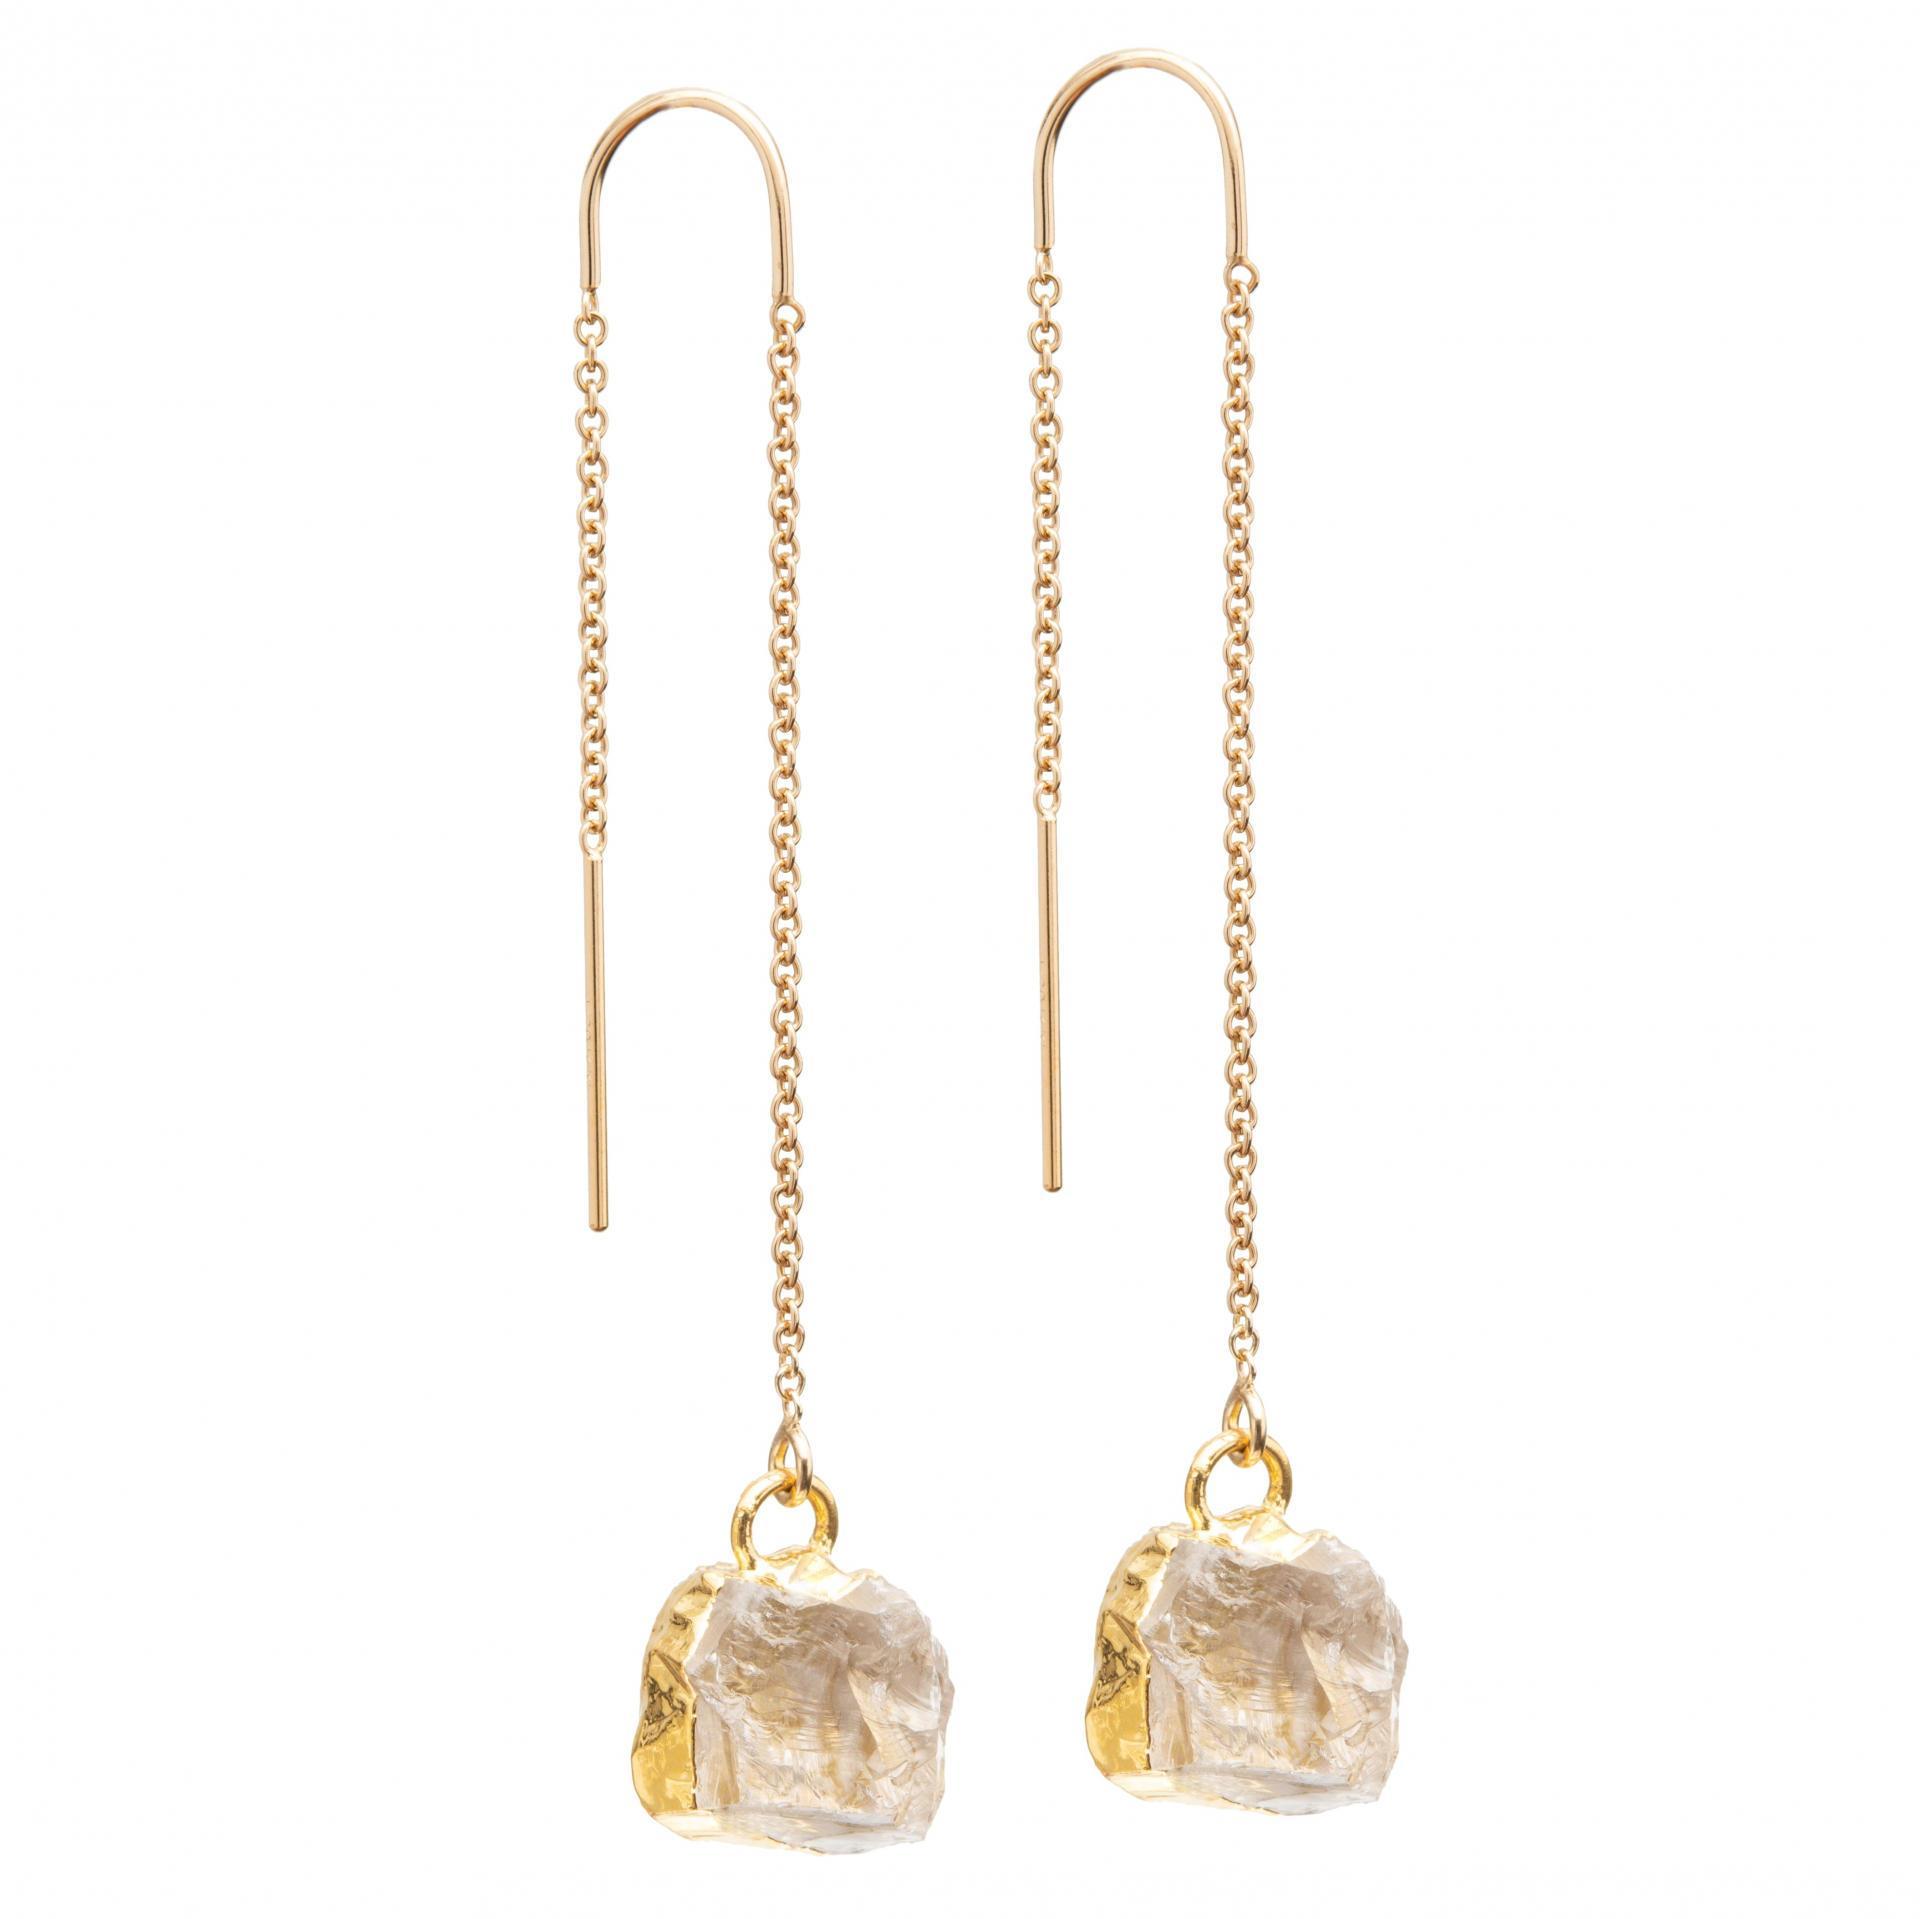 DECADORN Provlékací náušnice Mini Clear quartz/Gold, zlatá barva, čirá barva, kov, kámen